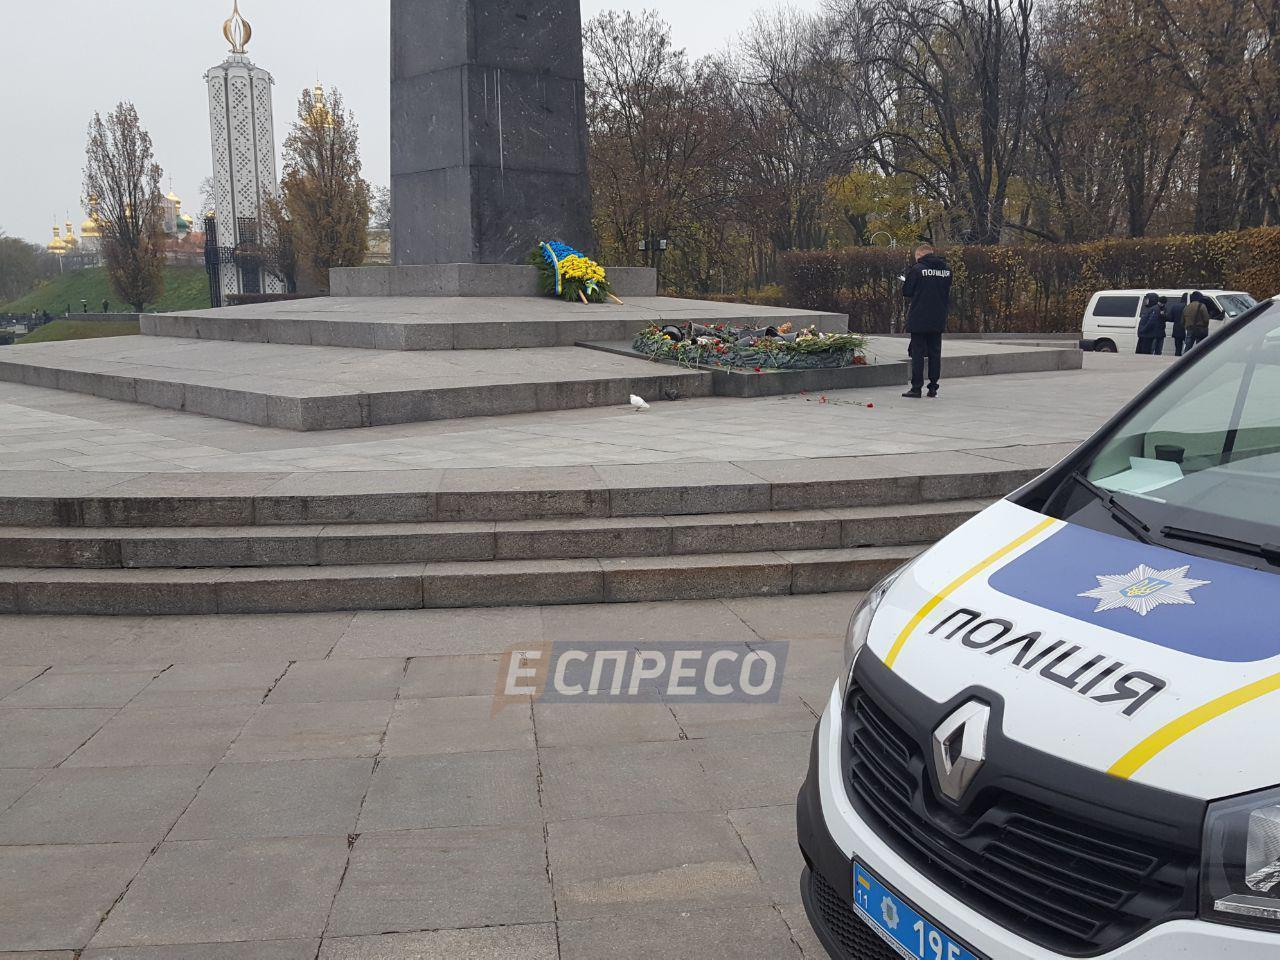 Вандалы залили цементом мемориал Вечный огонь в Киеве